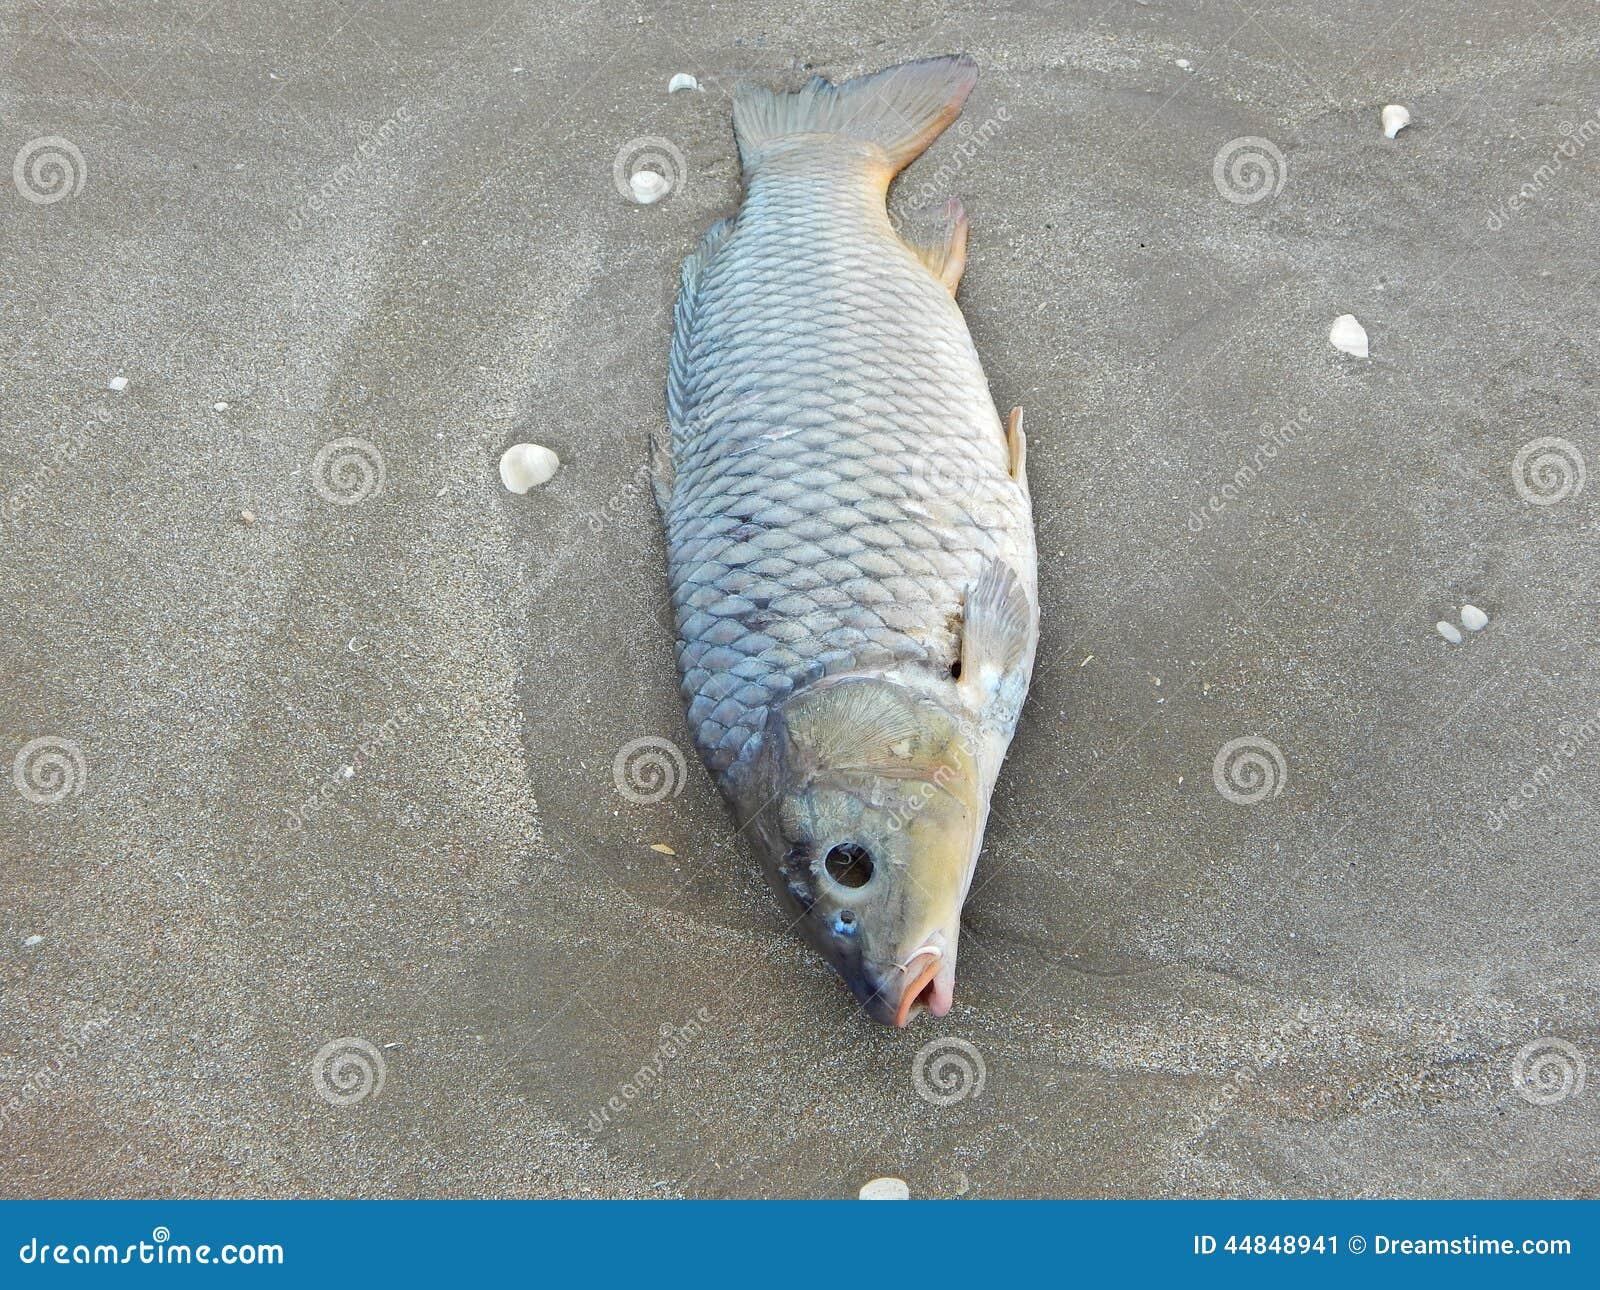 Pájaro de mal agüero muerto en la playa